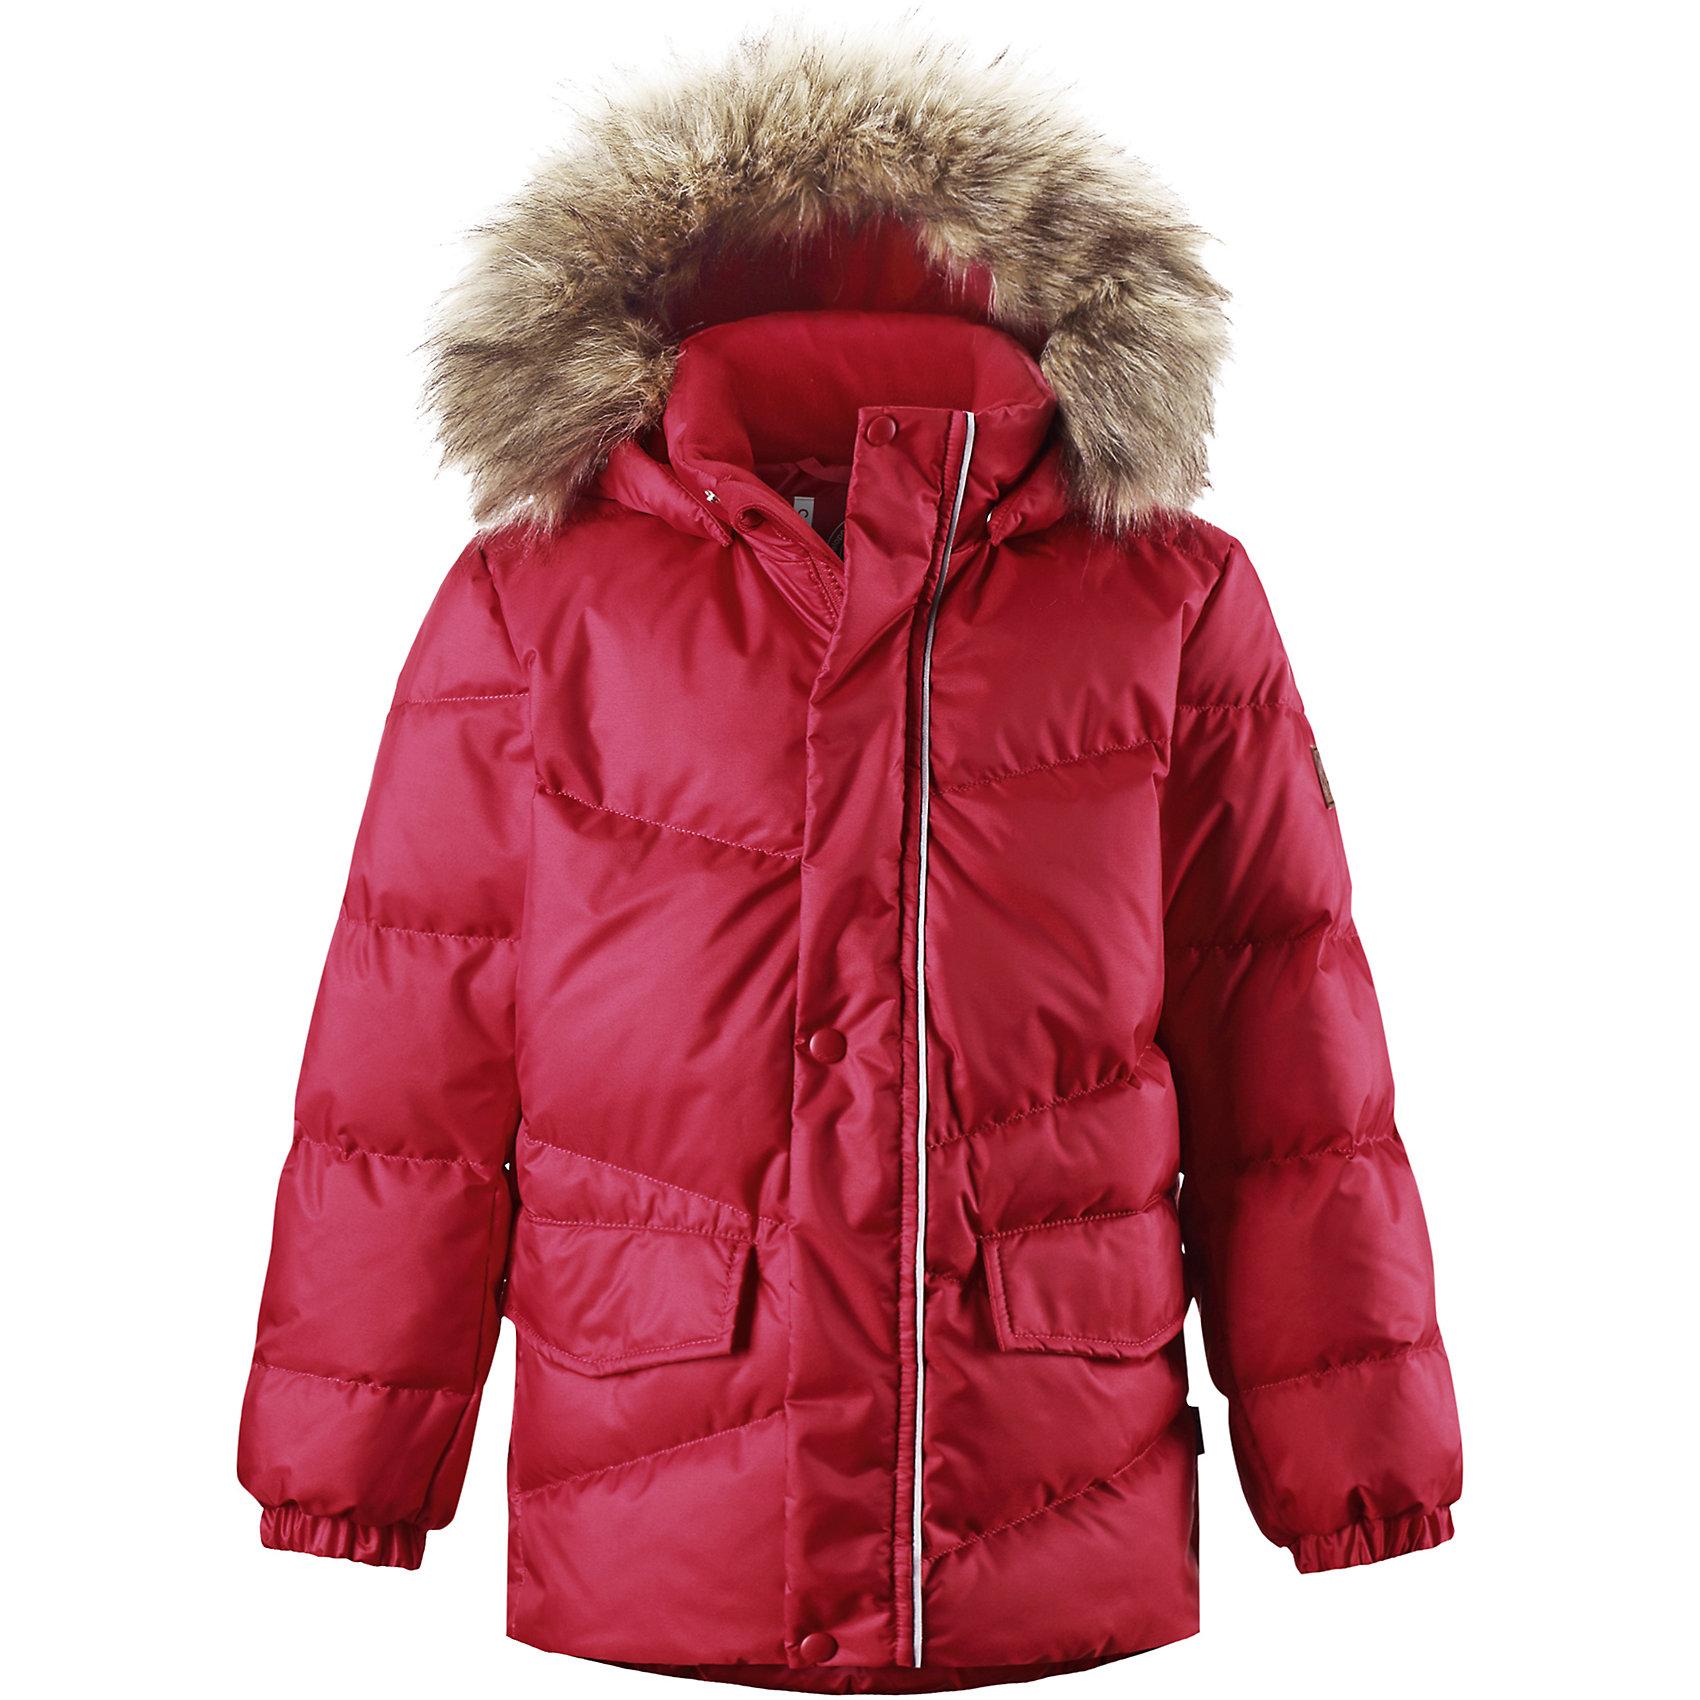 Куртка Pause для мальчика ReimaКуртка для мальчика Reima<br>Пуховая куртка для подростков. Водоотталкивающий, ветронепроницаемый, «дышащий» и грязеотталкивающий материал. Гладкая подкладка из полиэстра. В качестве утеплителя использованы пух и перо (60%/40%). Безопасный съемный капюшон с отсоединяемой меховой каймой из искусственного меха. Регулируемый подол. Два кармана с клапанами. Безопасные светоотражающие детали. Петля для дополнительных светоотражающих деталей.<br>Уход:<br>Стирать по отдельности, вывернув наизнанку. Перед стиркой отстегните искусственный мех. Застегнуть молнии и липучки. Стирать моющим средством, не содержащим отбеливающие вещества. Полоскать без специального средства. Во избежание изменения цвета изделие необходимо вынуть из стиральной машинки незамедлительно после окончания программы стирки. Барабанное сушение при низкой температуре с 3 теннисными мячиками. Выверните изделие наизнанку в середине сушки.<br>Состав:<br>65% Полиамид, 35% Полиэстер, полиуретановое покрытие<br><br>Ширина мм: 356<br>Глубина мм: 10<br>Высота мм: 245<br>Вес г: 519<br>Цвет: красный<br>Возраст от месяцев: 120<br>Возраст до месяцев: 132<br>Пол: Мужской<br>Возраст: Детский<br>Размер: 164,140,116,134,146,128,122,110,158,152,104<br>SKU: 4778339